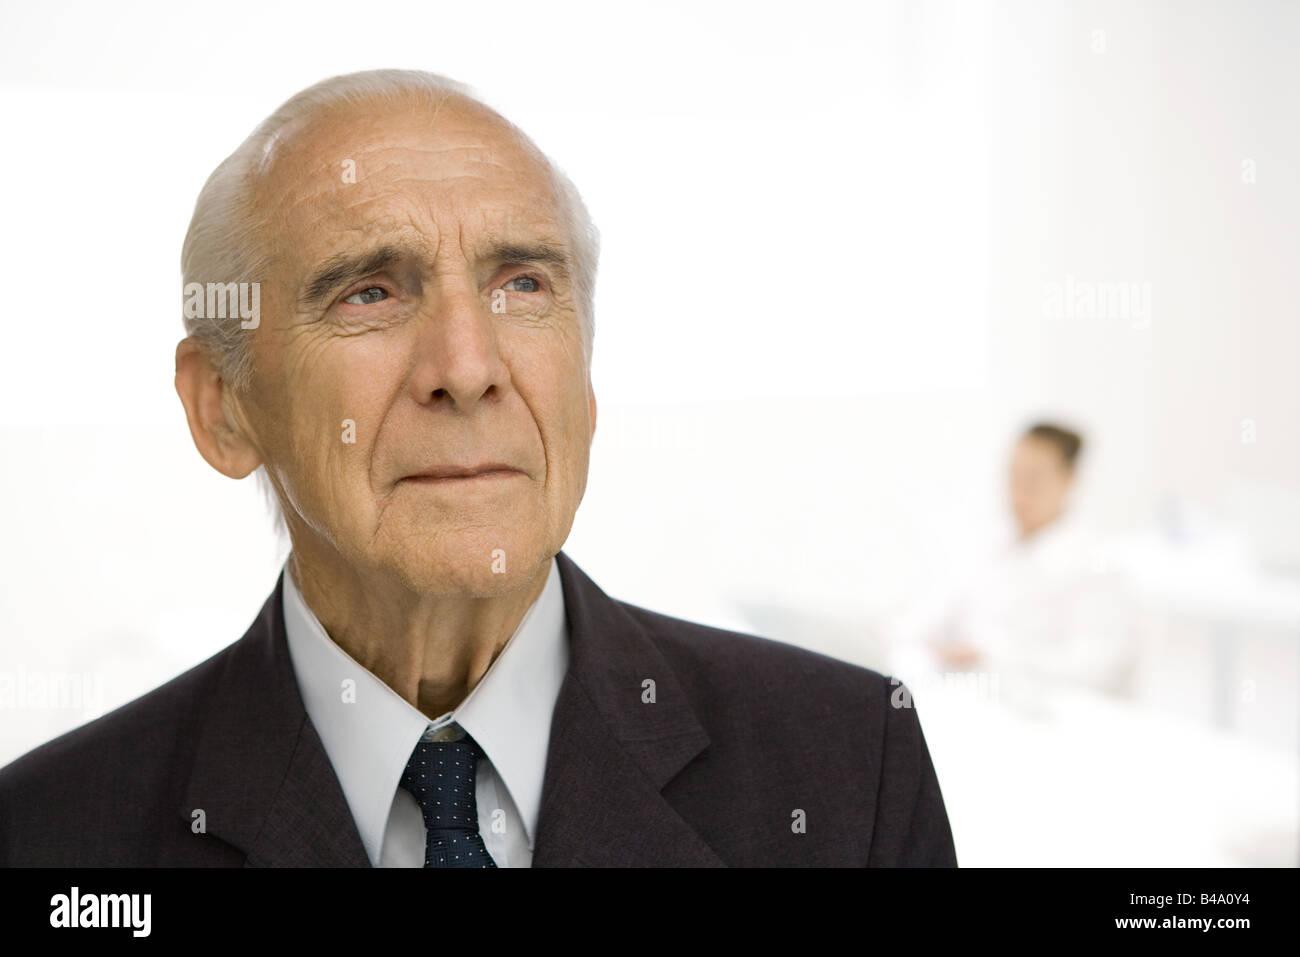 Senior man furrowing brow, looking away - Stock Image